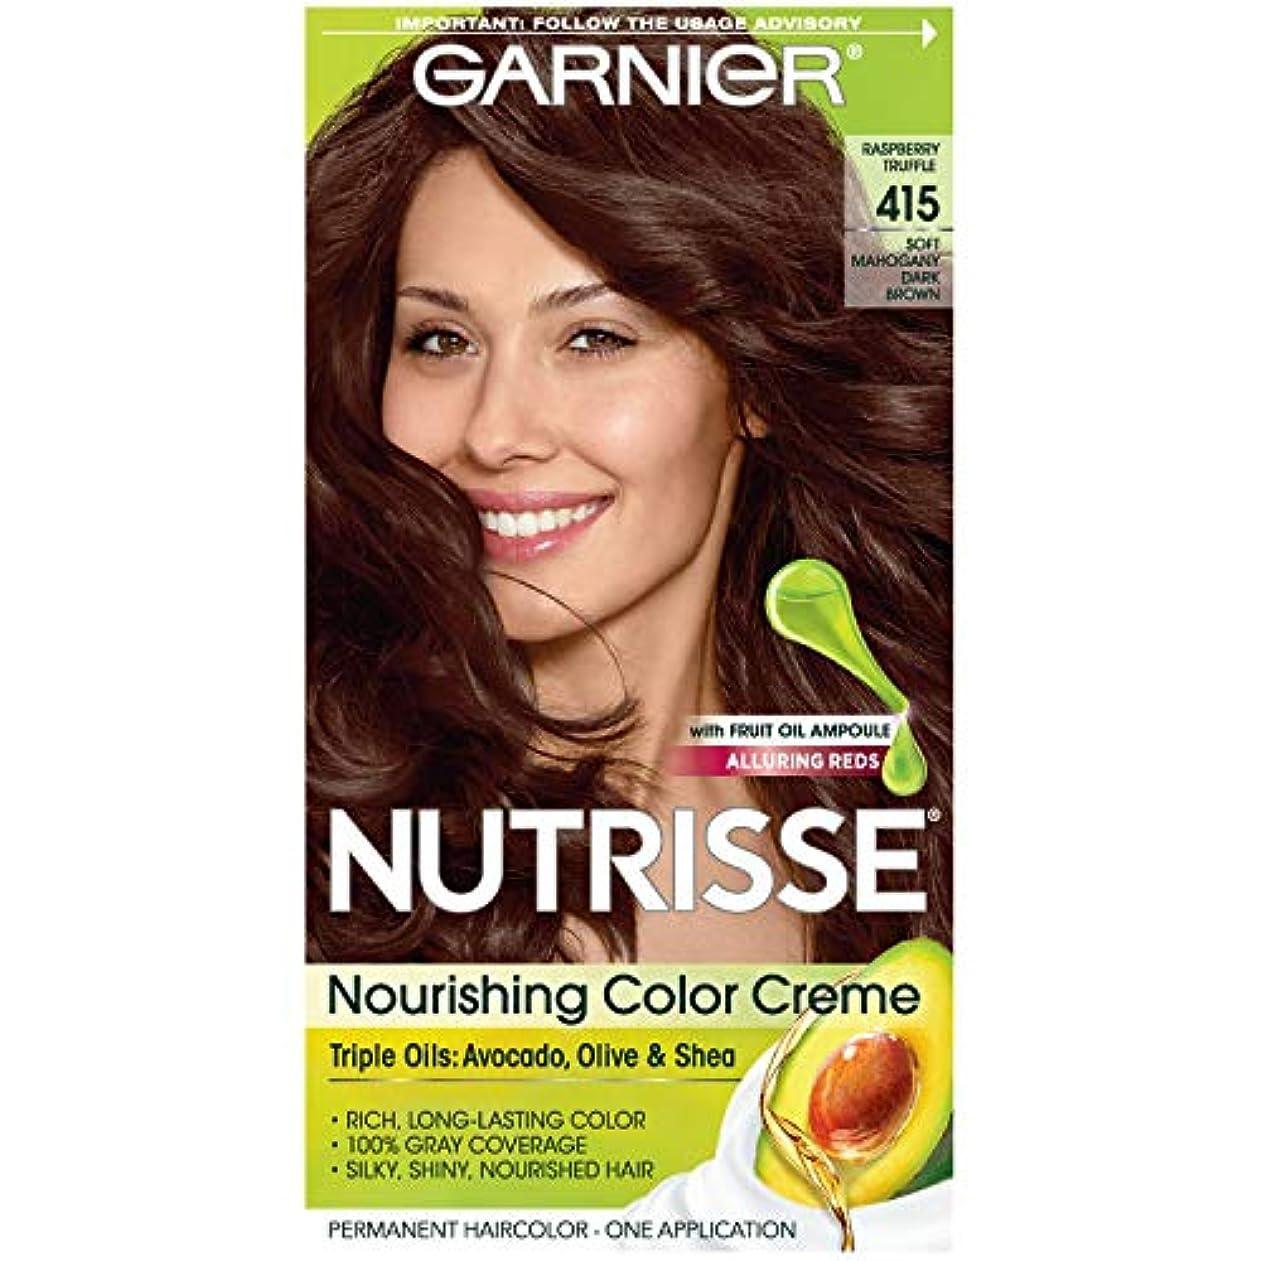 船尾抗生物質等価Garnier Nutrisseヘアカラー - 415ラズベリートリュフ(ソフトマホガニーダークブラウン)1各 1パック